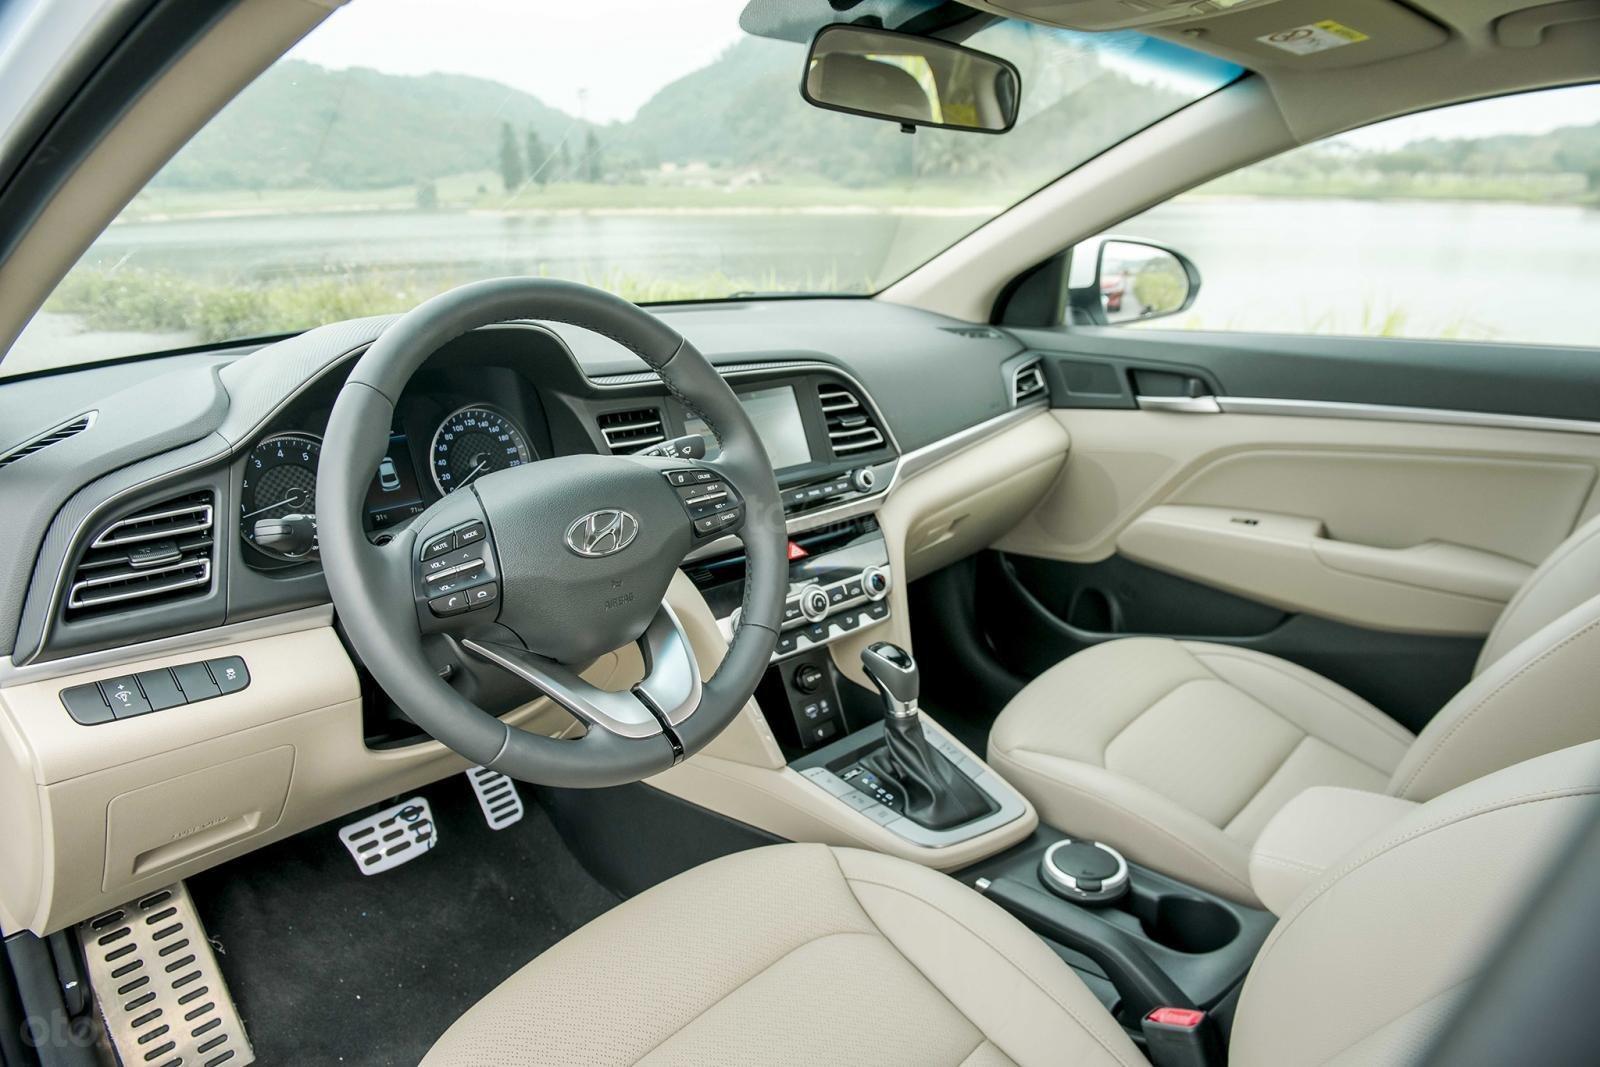 Khoang cabin Hyundai Elantra 2.0 2019...